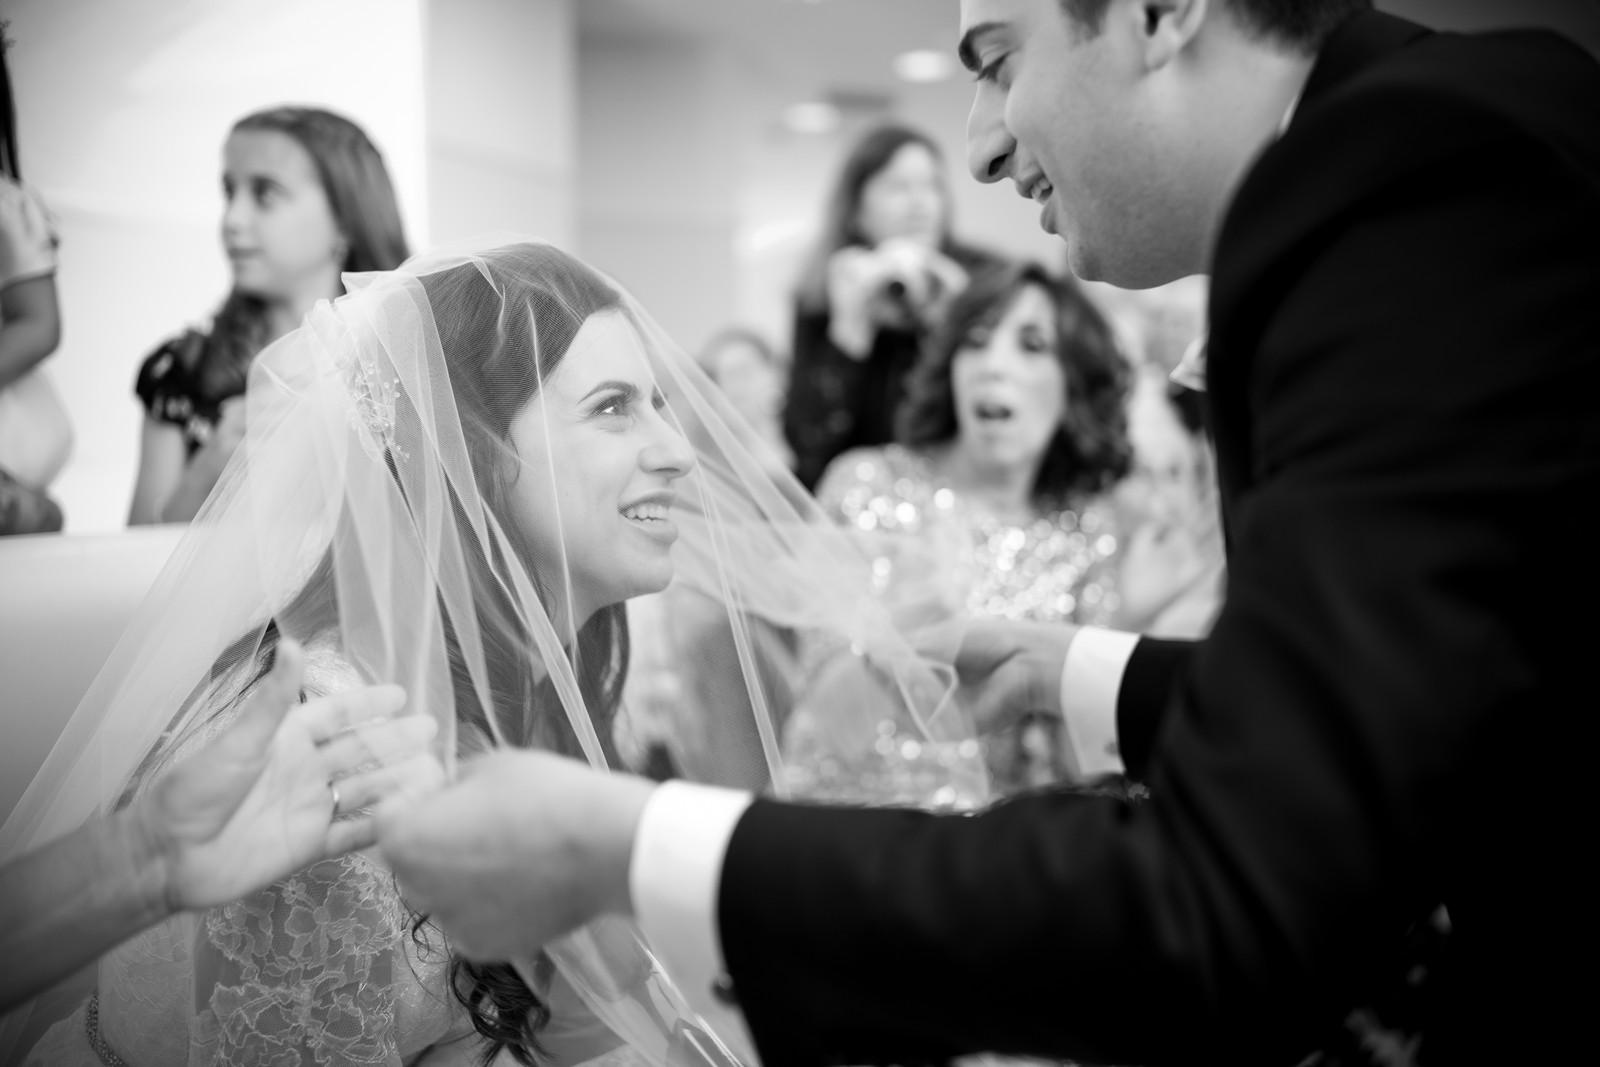 Josh and Michelle's Modern Jewish Wedding at Congregation Keter Torah, Teaneck, New Jersey Photos by Chaim Schvarcz, Bride, Bedeken, Groom